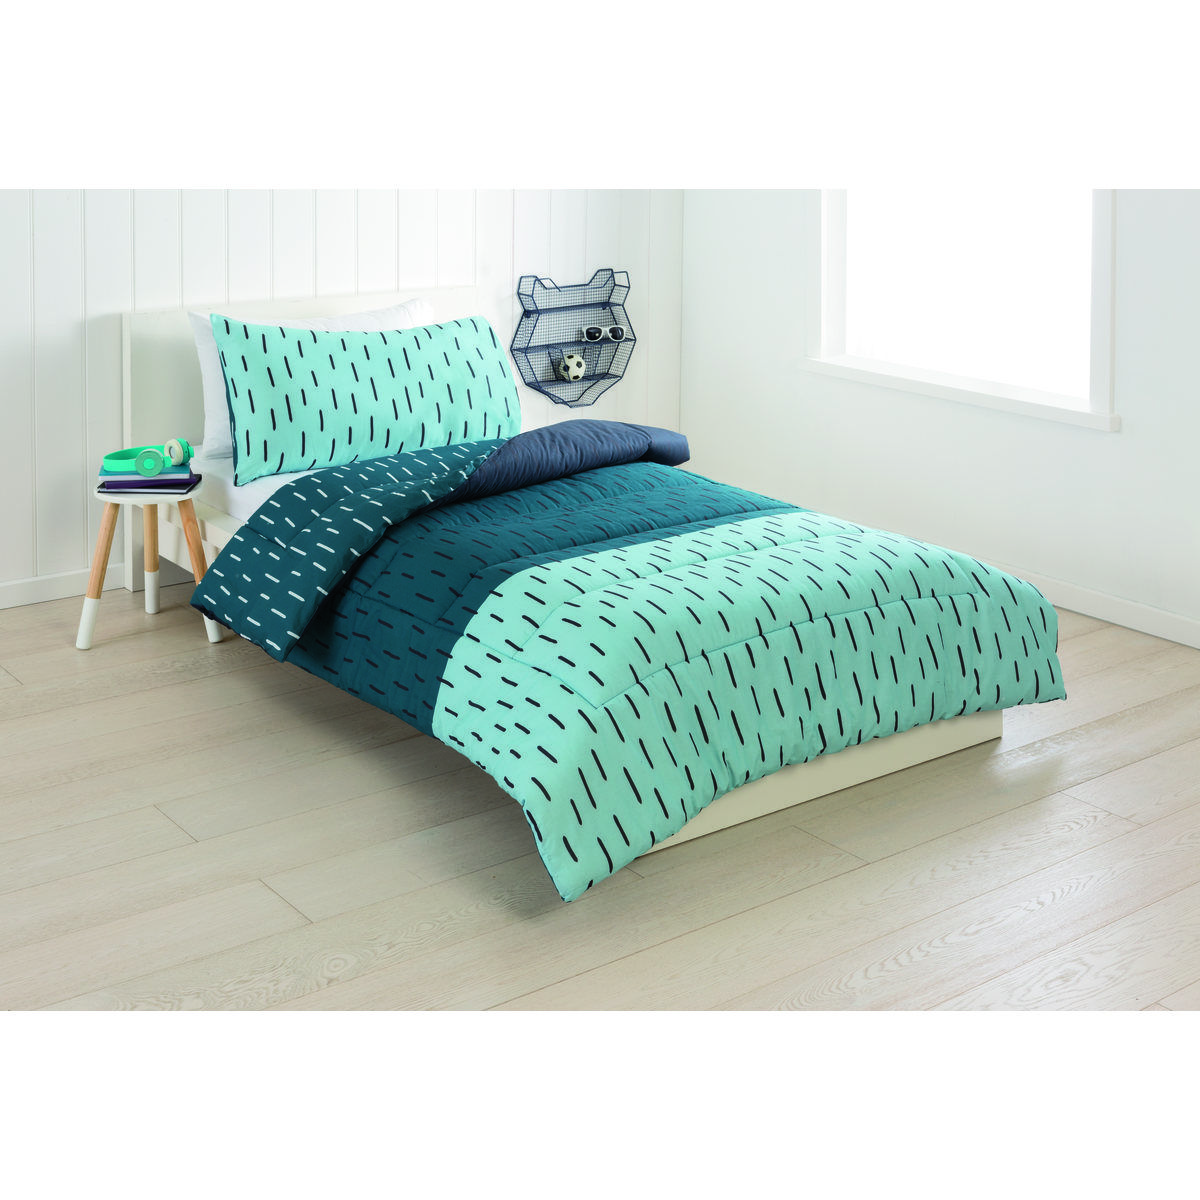 Henry Comforter Set Single Bed Kmart Kids Bed Sheets Bed Bed Sheets Online